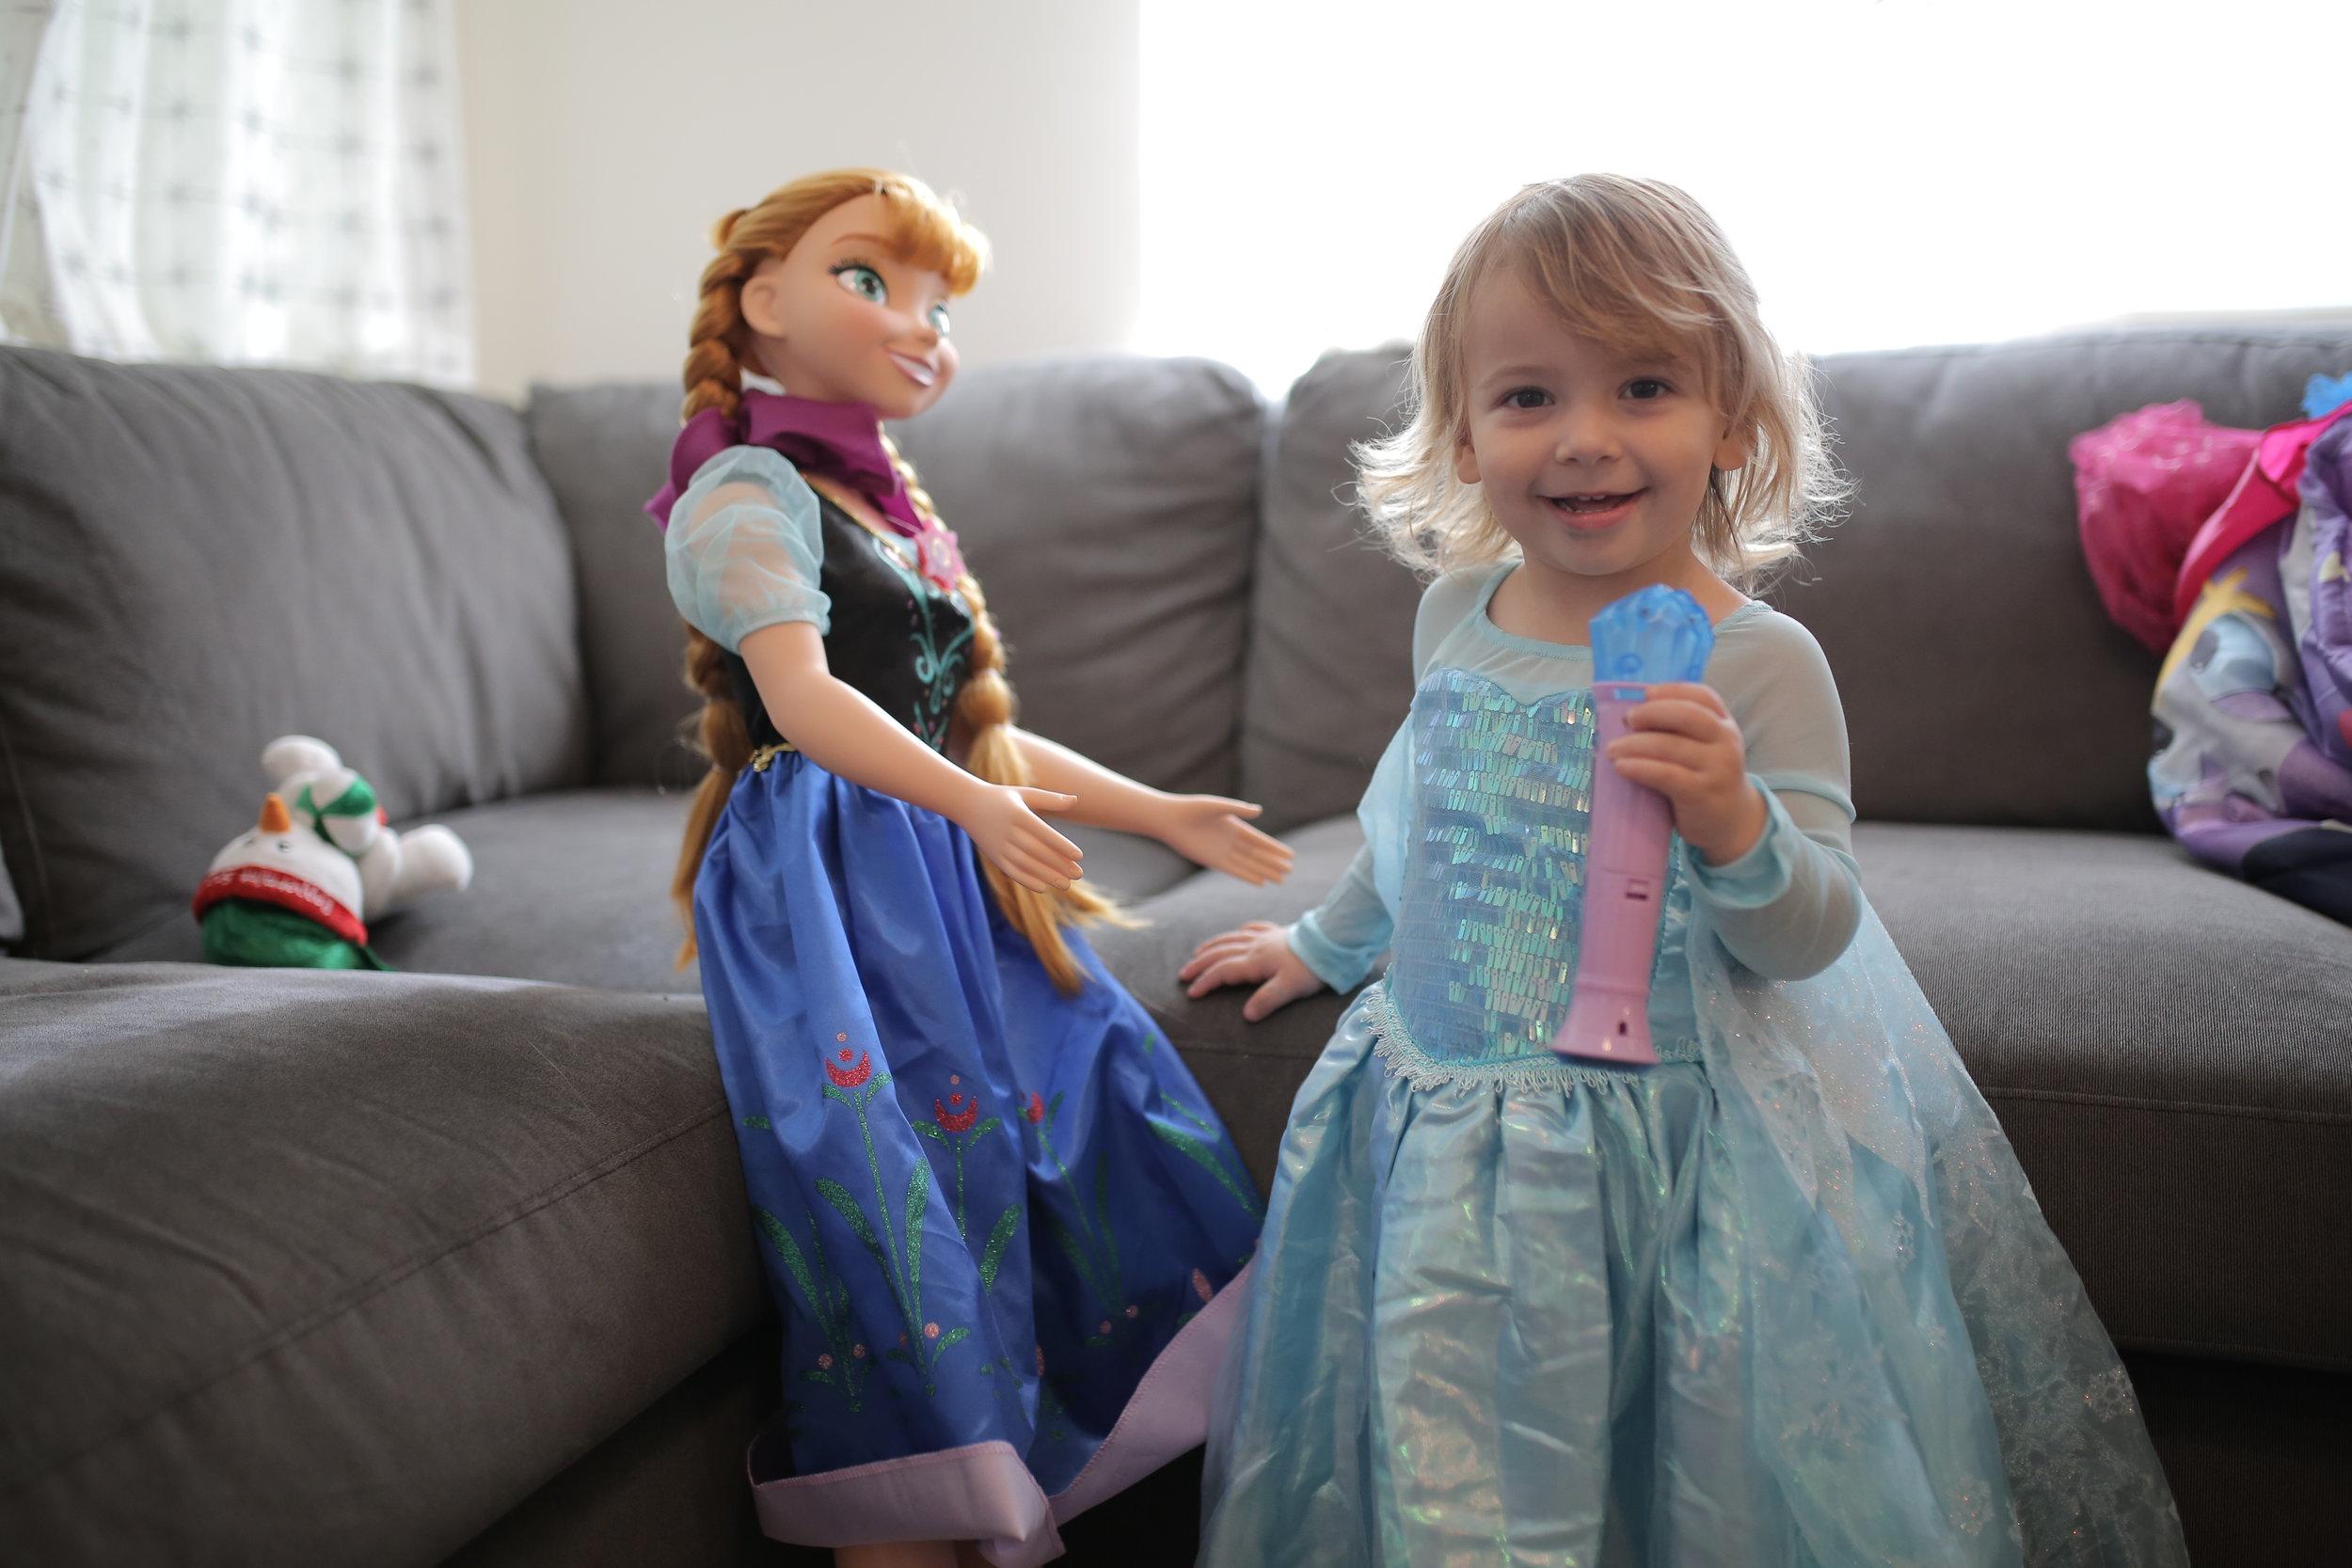 The princess.